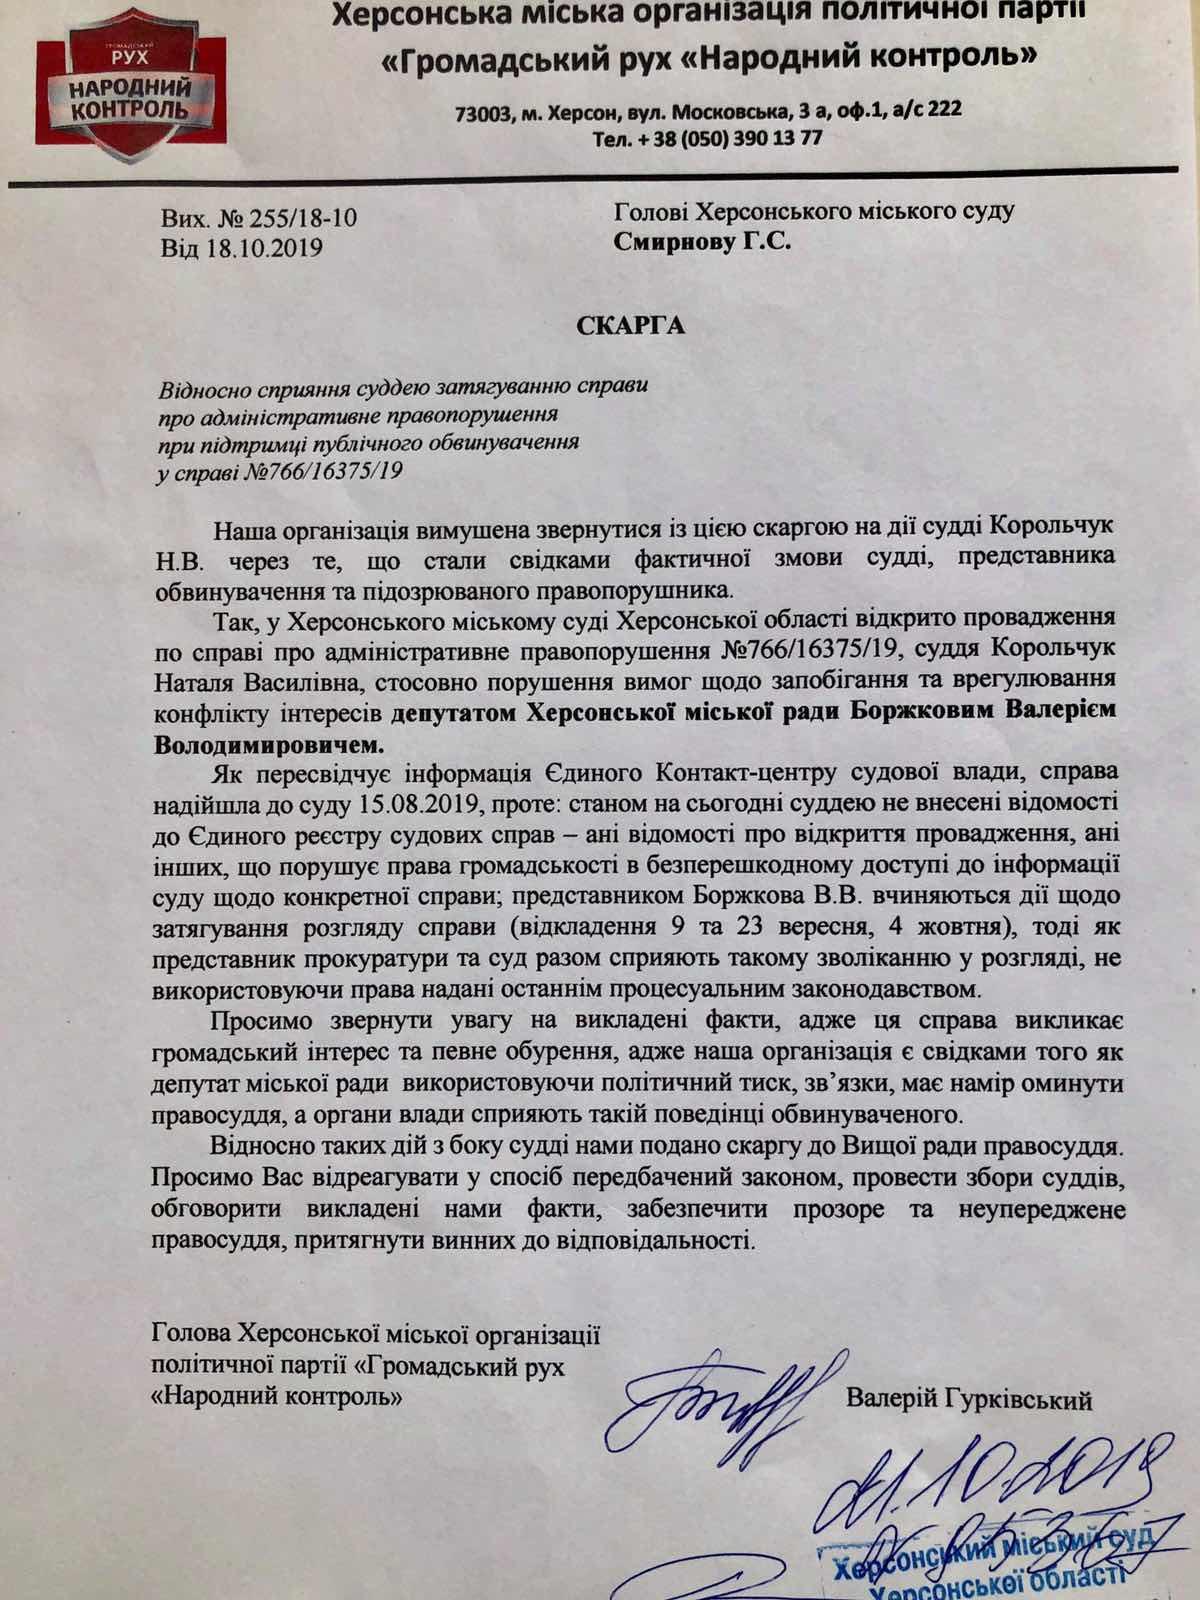 Активисты Народного Контроля подозревают судью в затягивании коррупционного дела депутата